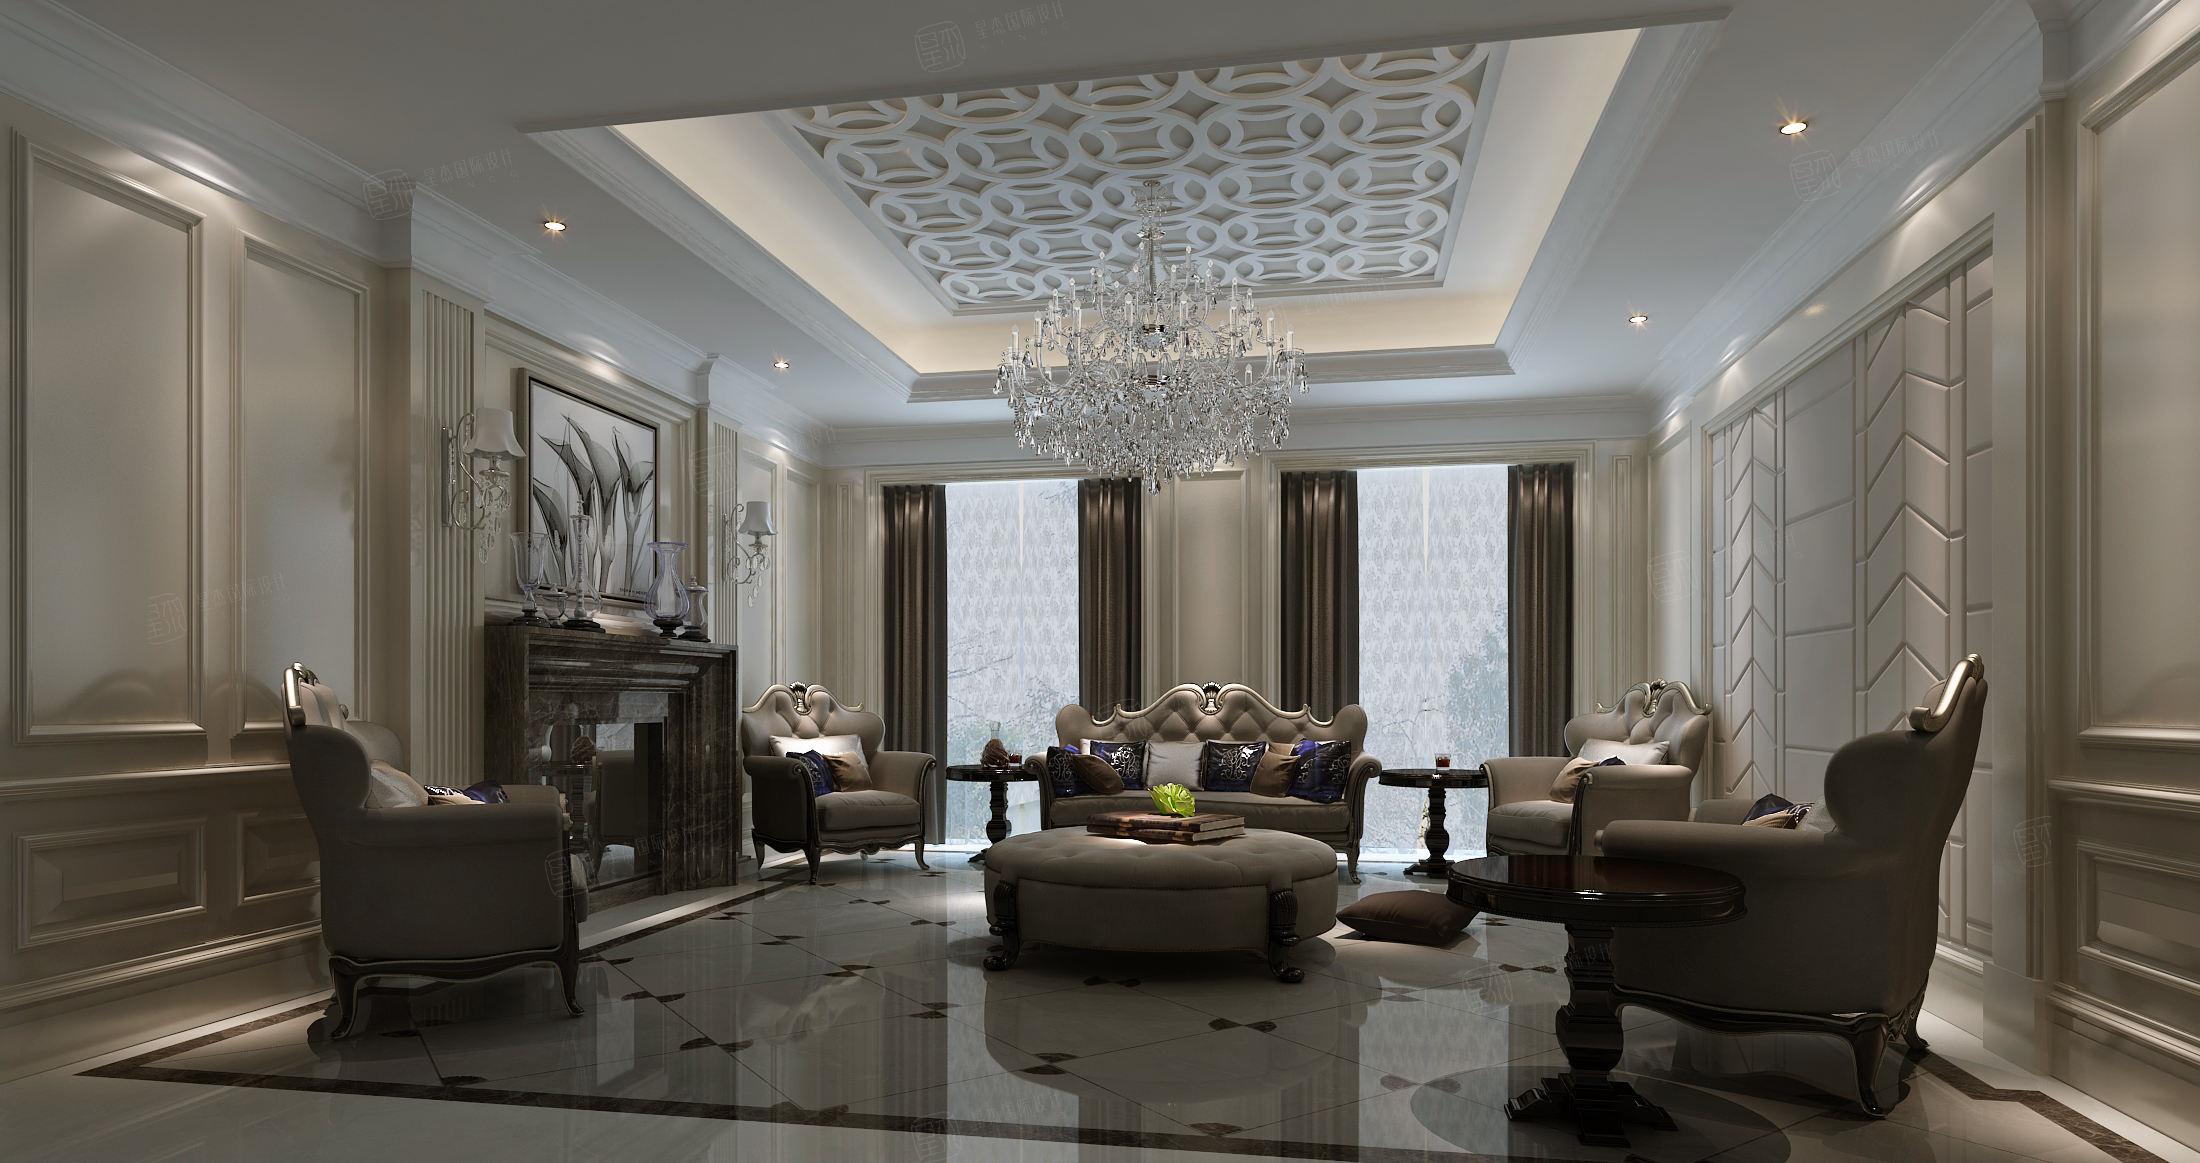 兰馨公寓 新装饰主义装修客厅效果图